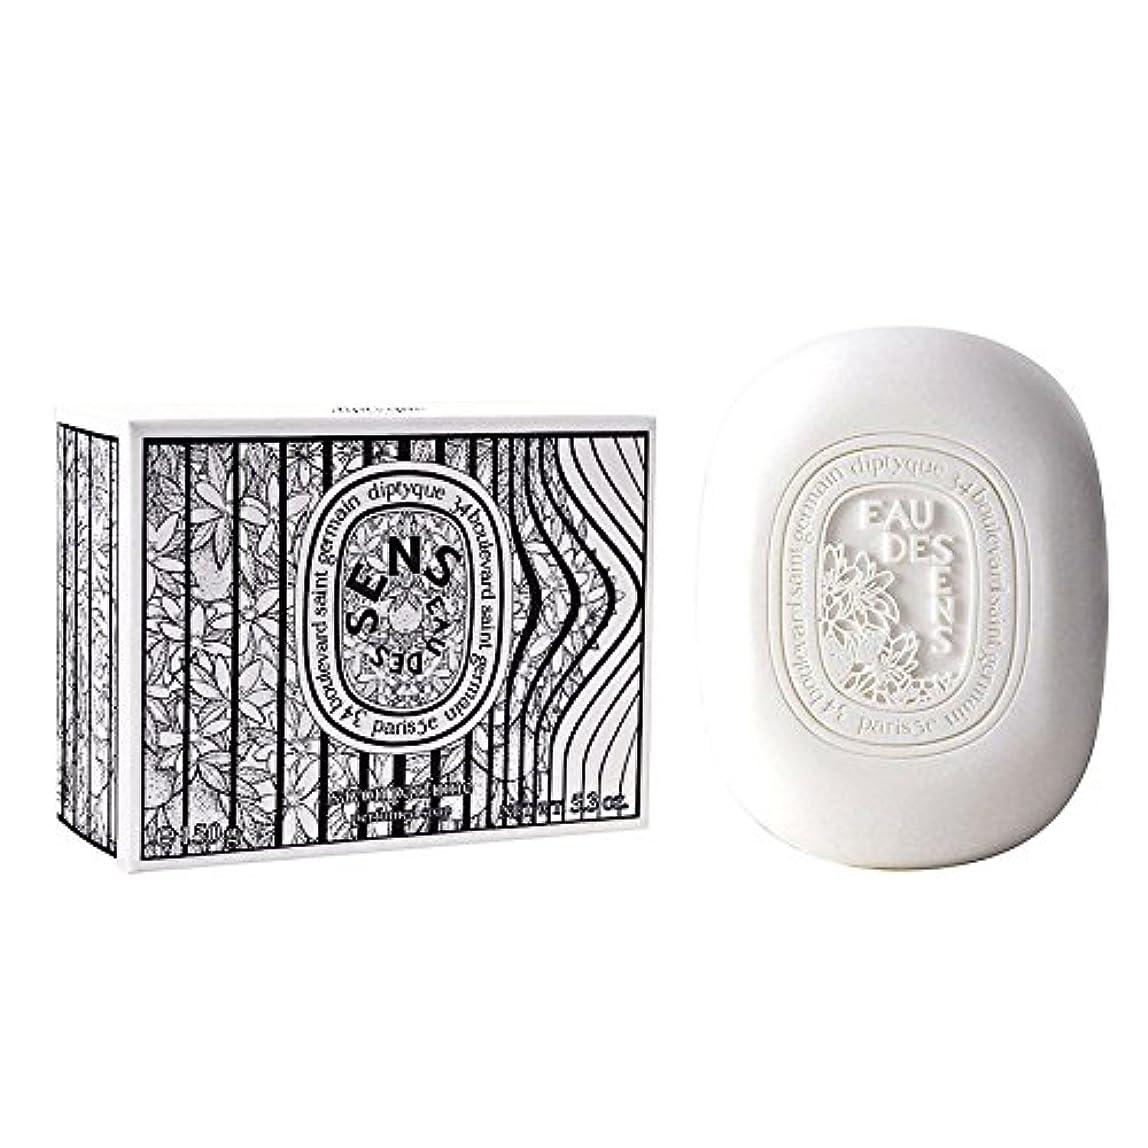 疑い余分な弓Diptyque Eau Des Sens (ディプティック オー デ センス) 150g Soap (石けん) for Women